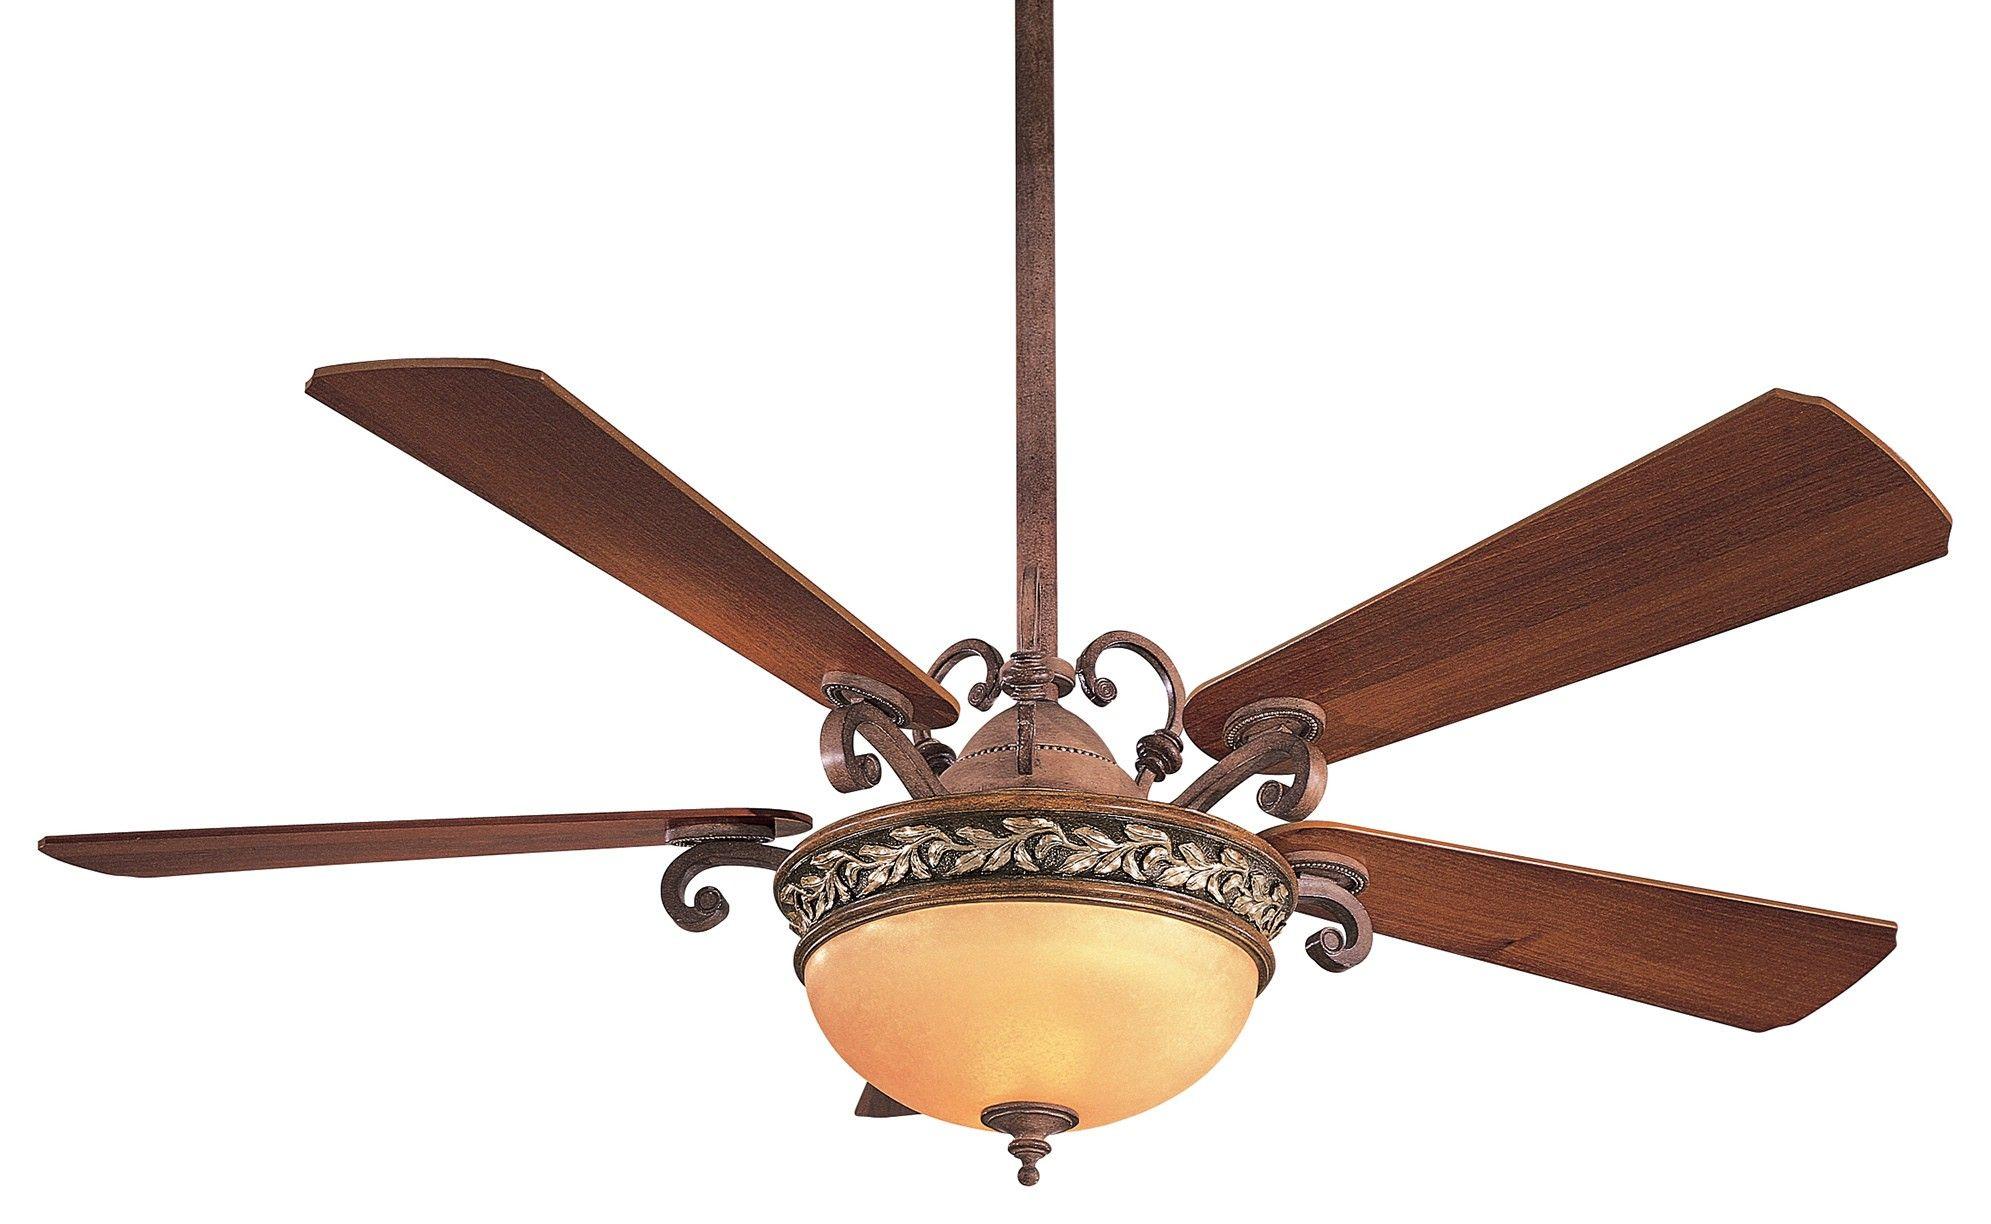 Turney Lighting Ceiling fan, Ceiling fan with light